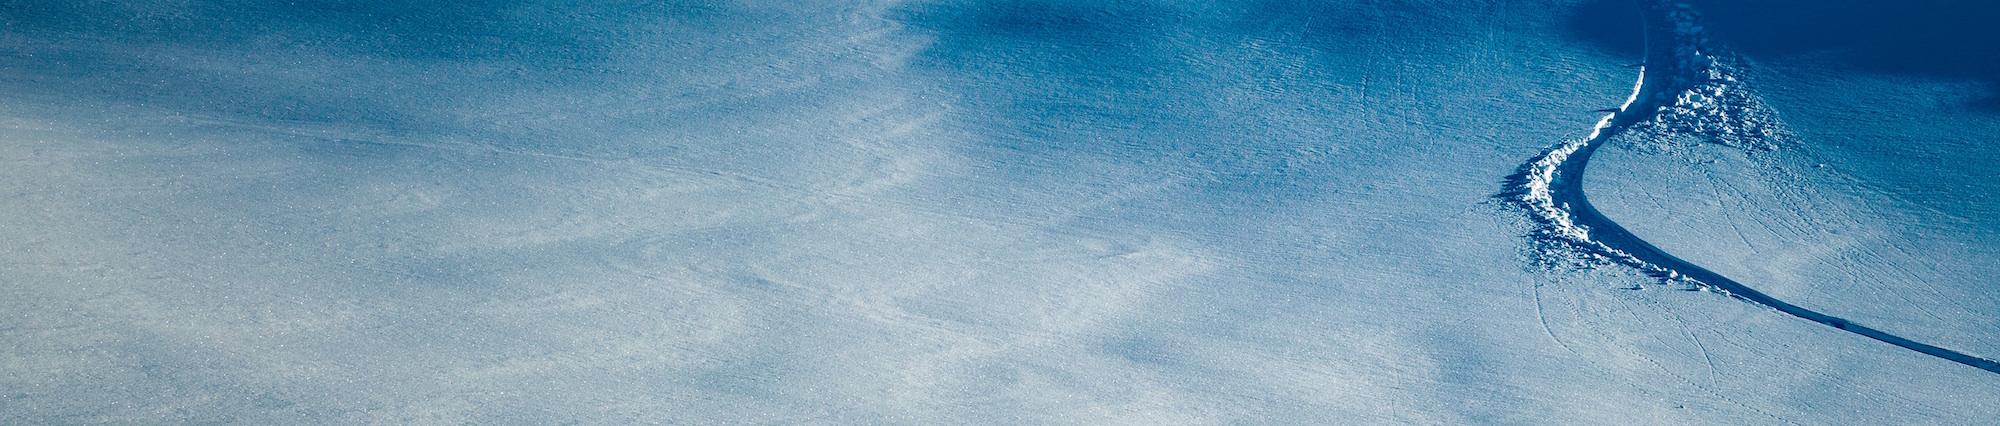 パウダーハント|雪山をお得に楽しむナビサイト